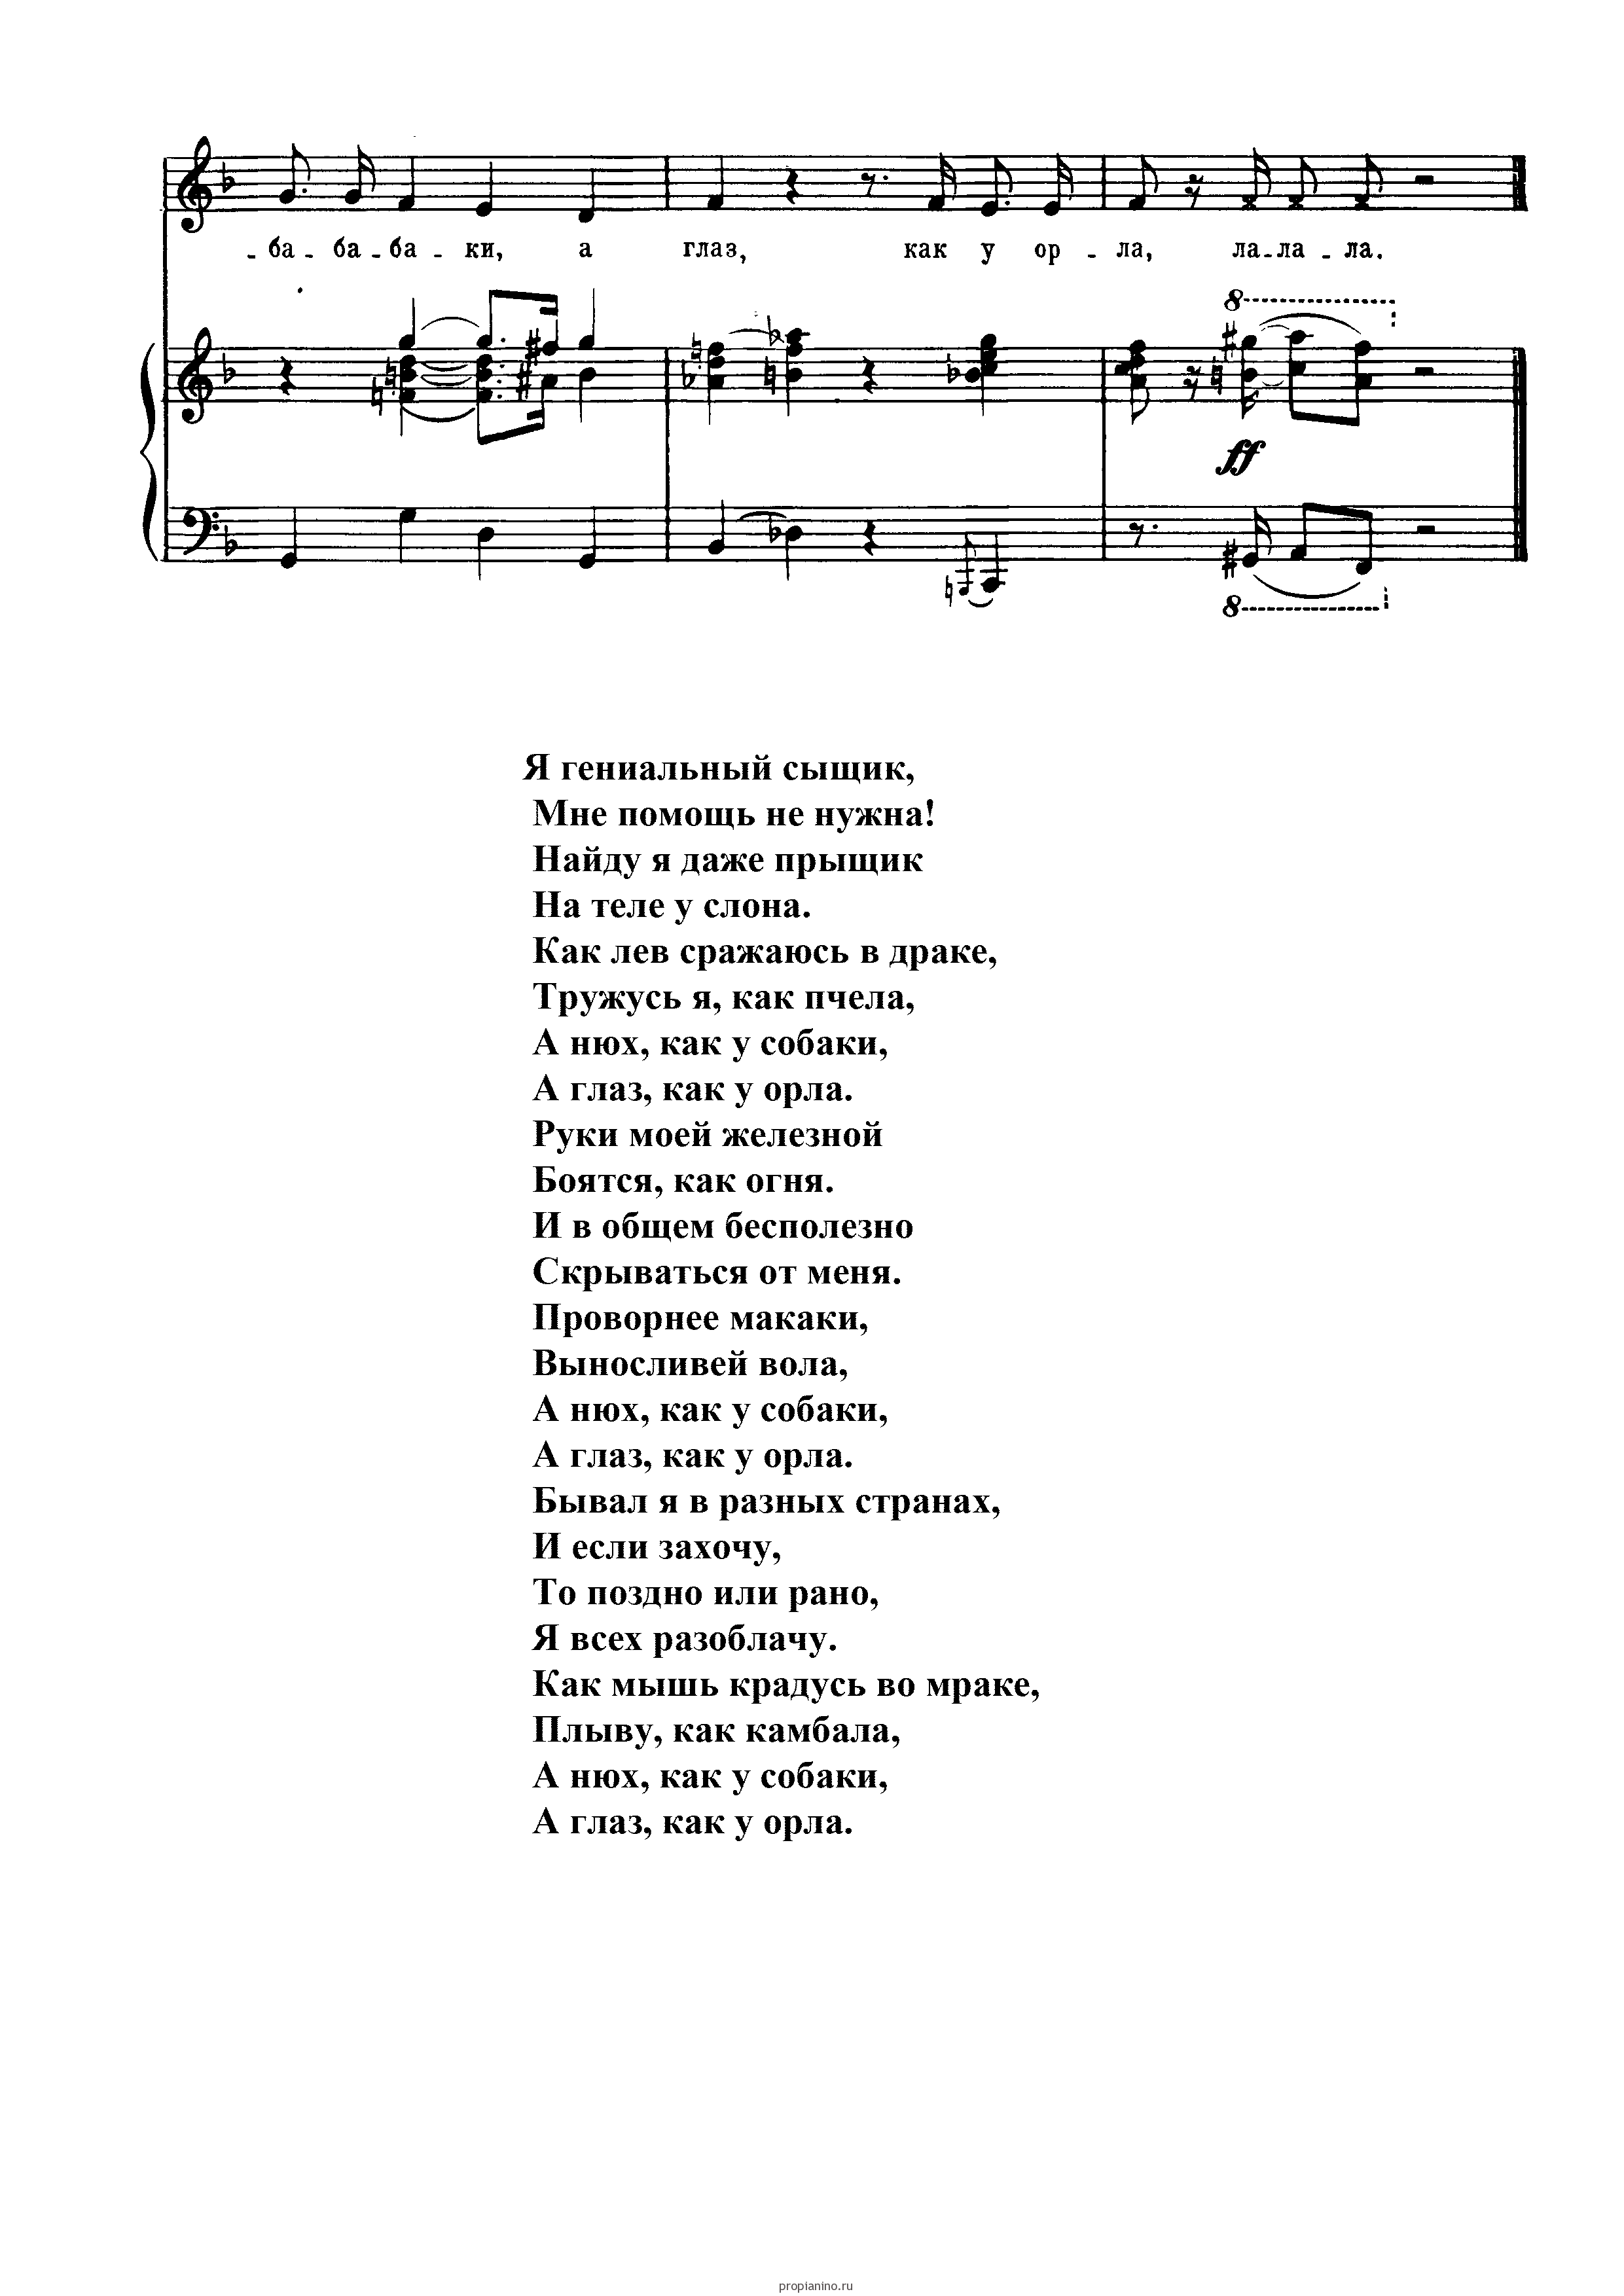 Бременские музыканты аудиосказка.